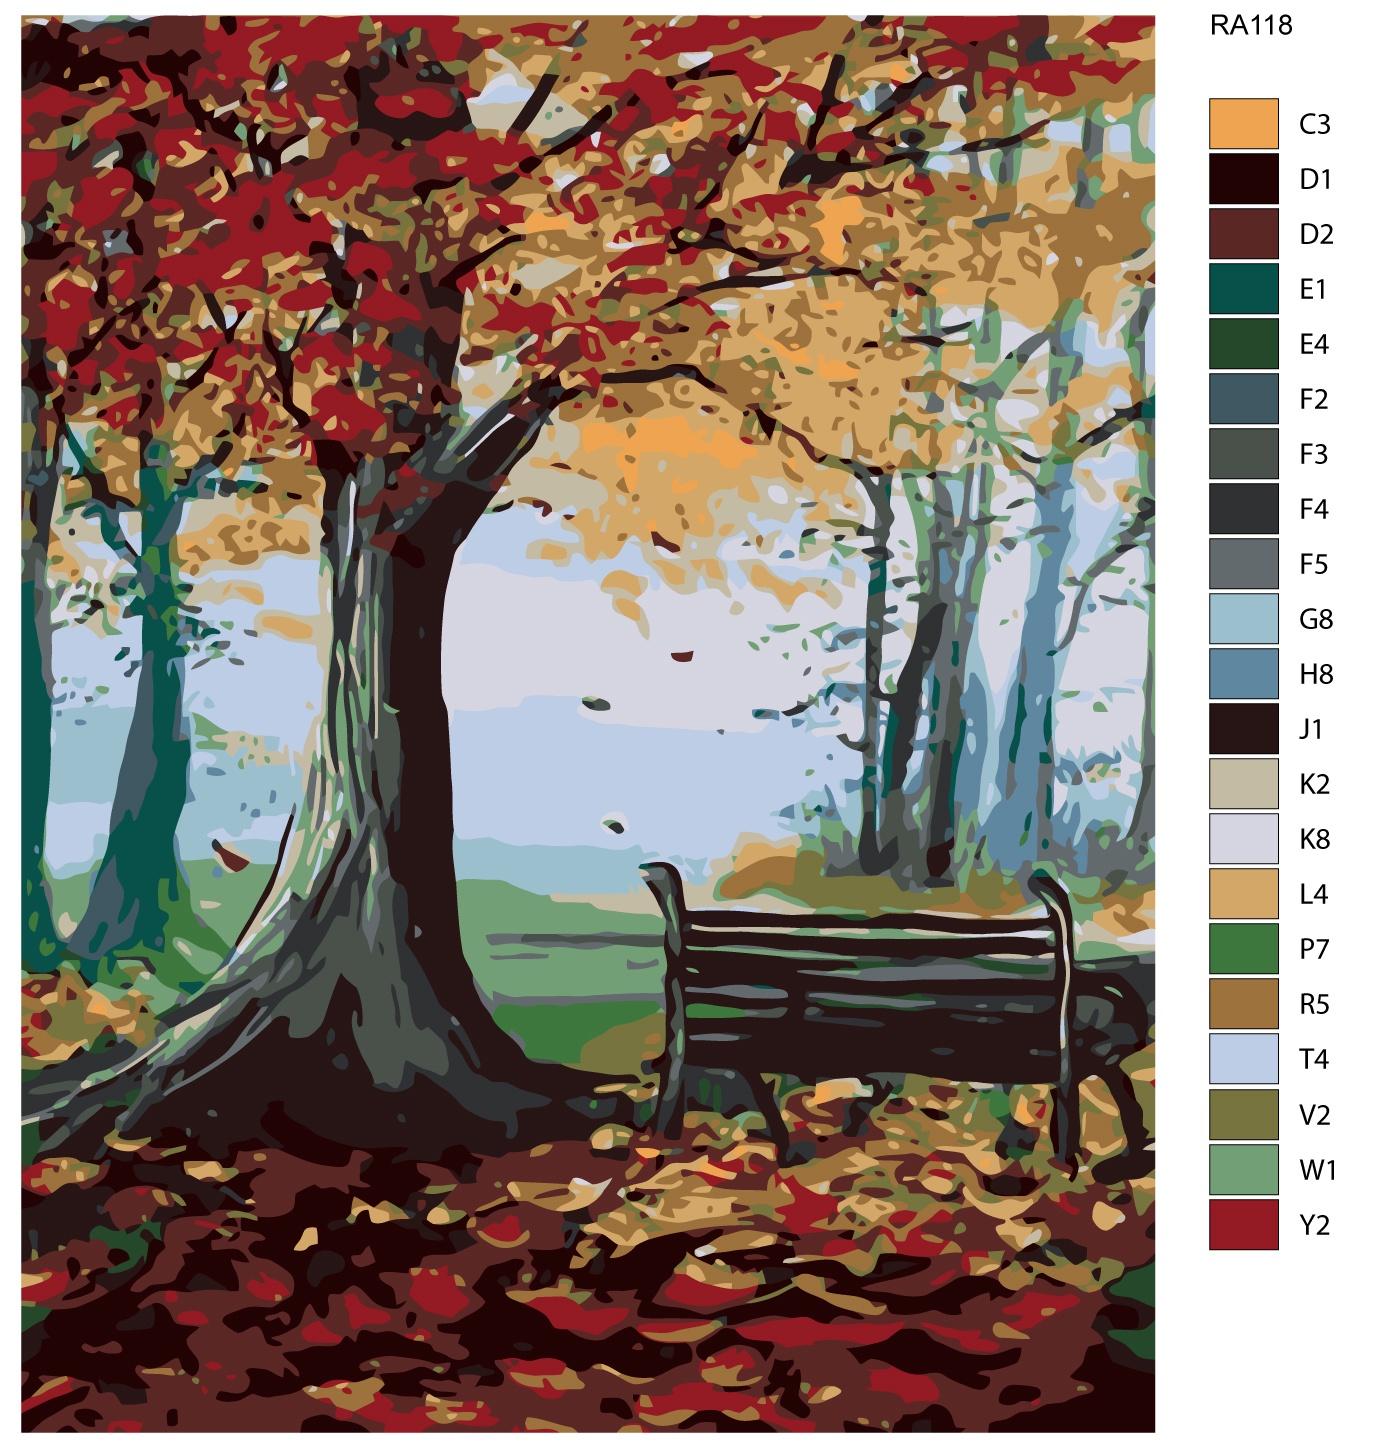 Картина по номерам, 80 x 100 см, RA118